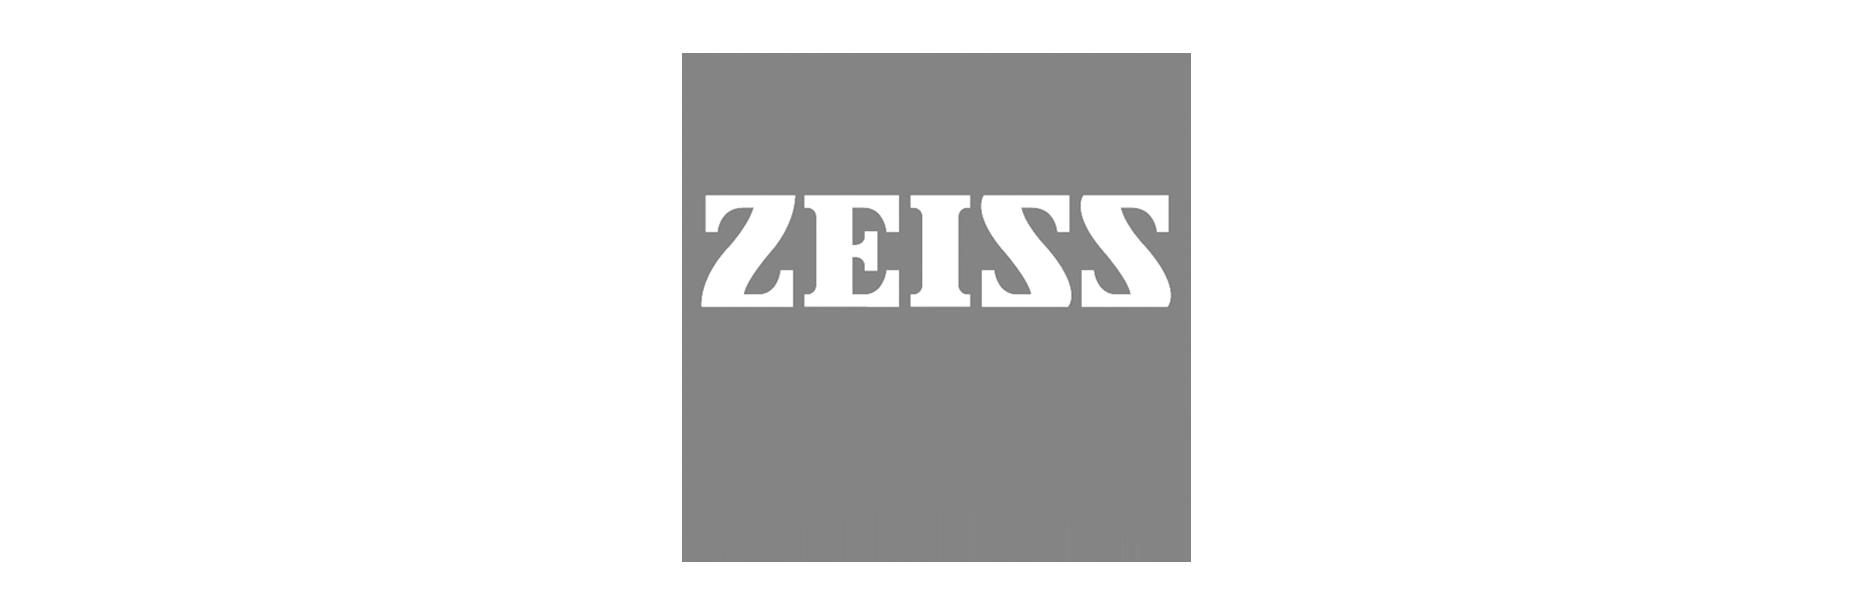 Zeiss Ottica Bossi Trieste